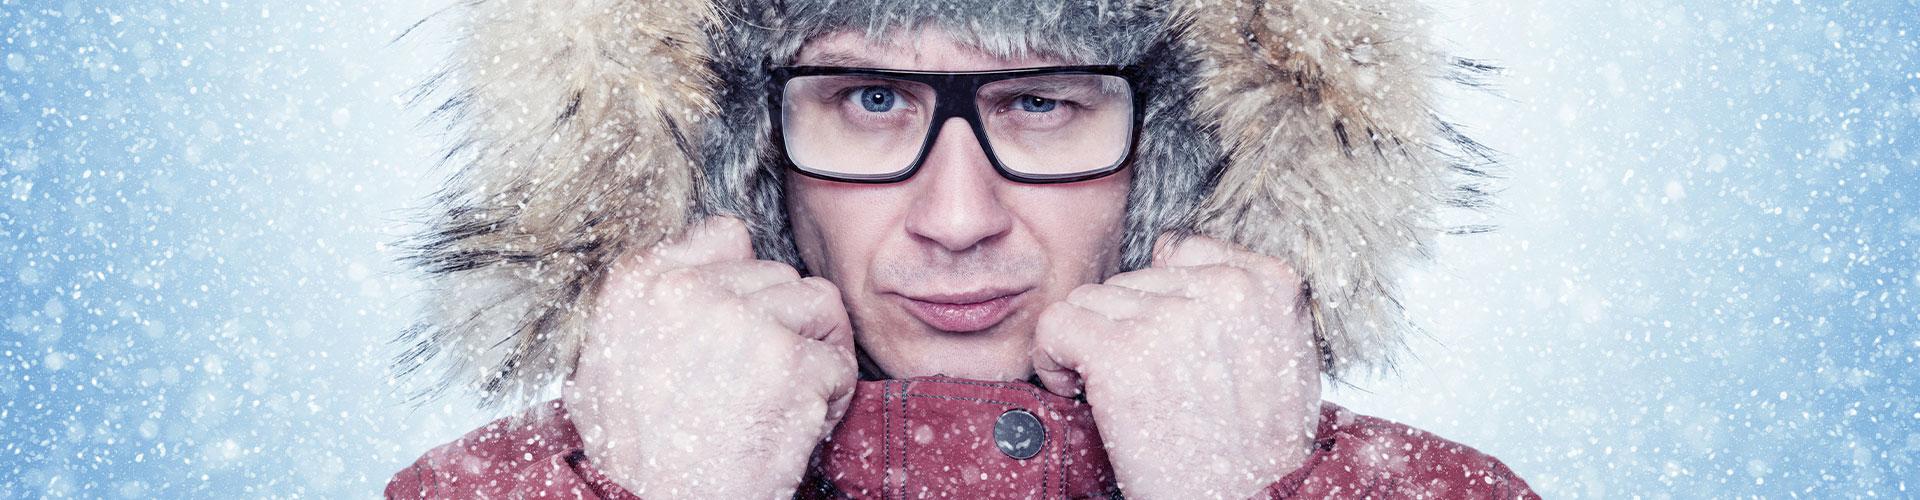 Mann mit Kapuze im Schnee